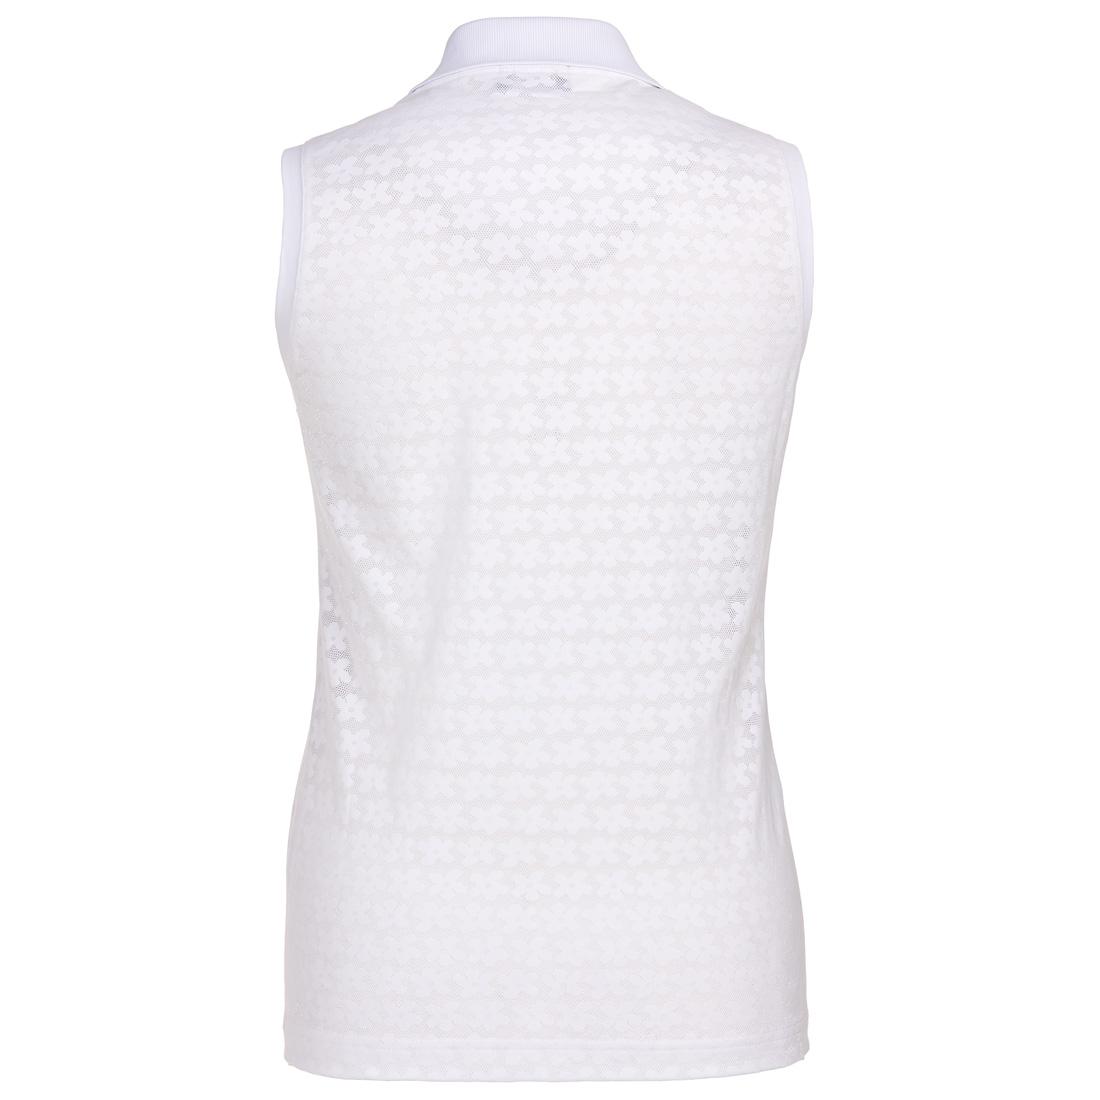 Rundhals Damen Funktions-Golfpoloshirt mit Zip